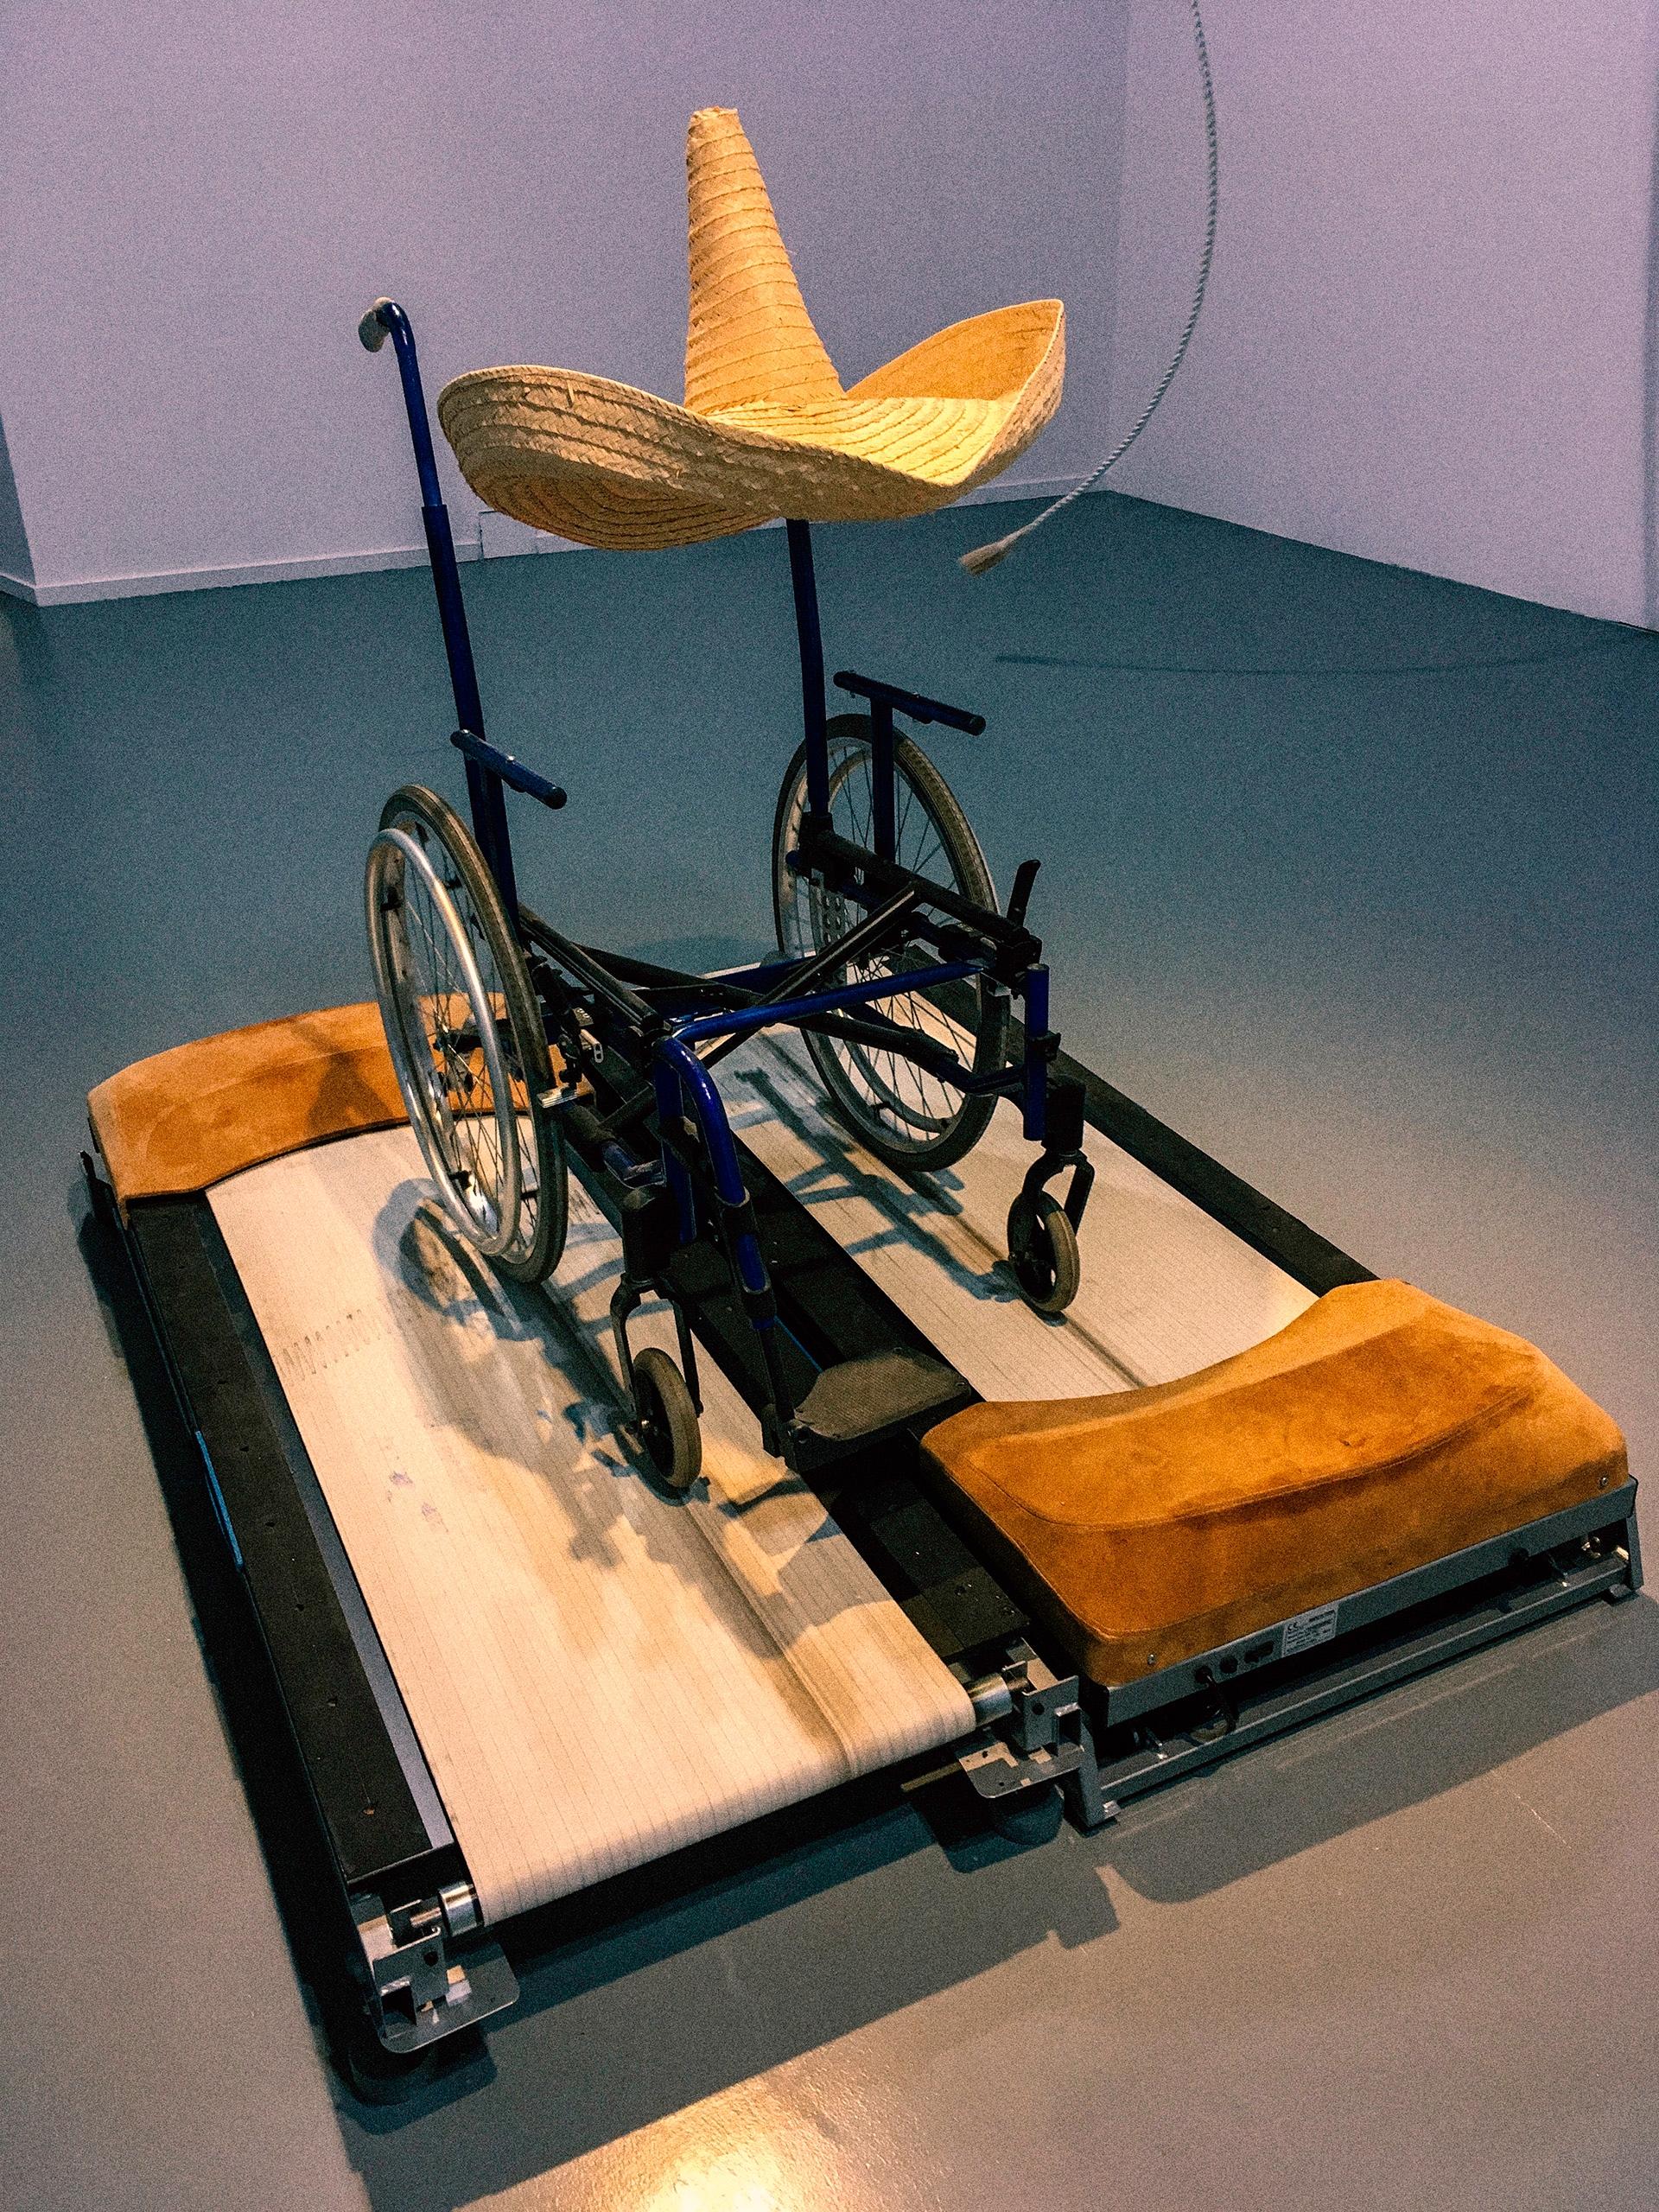 Zdjęcie przedstawia wózek inwalidzki z meksykańskim kapeluszem zawieszonym na jego uchwycie.